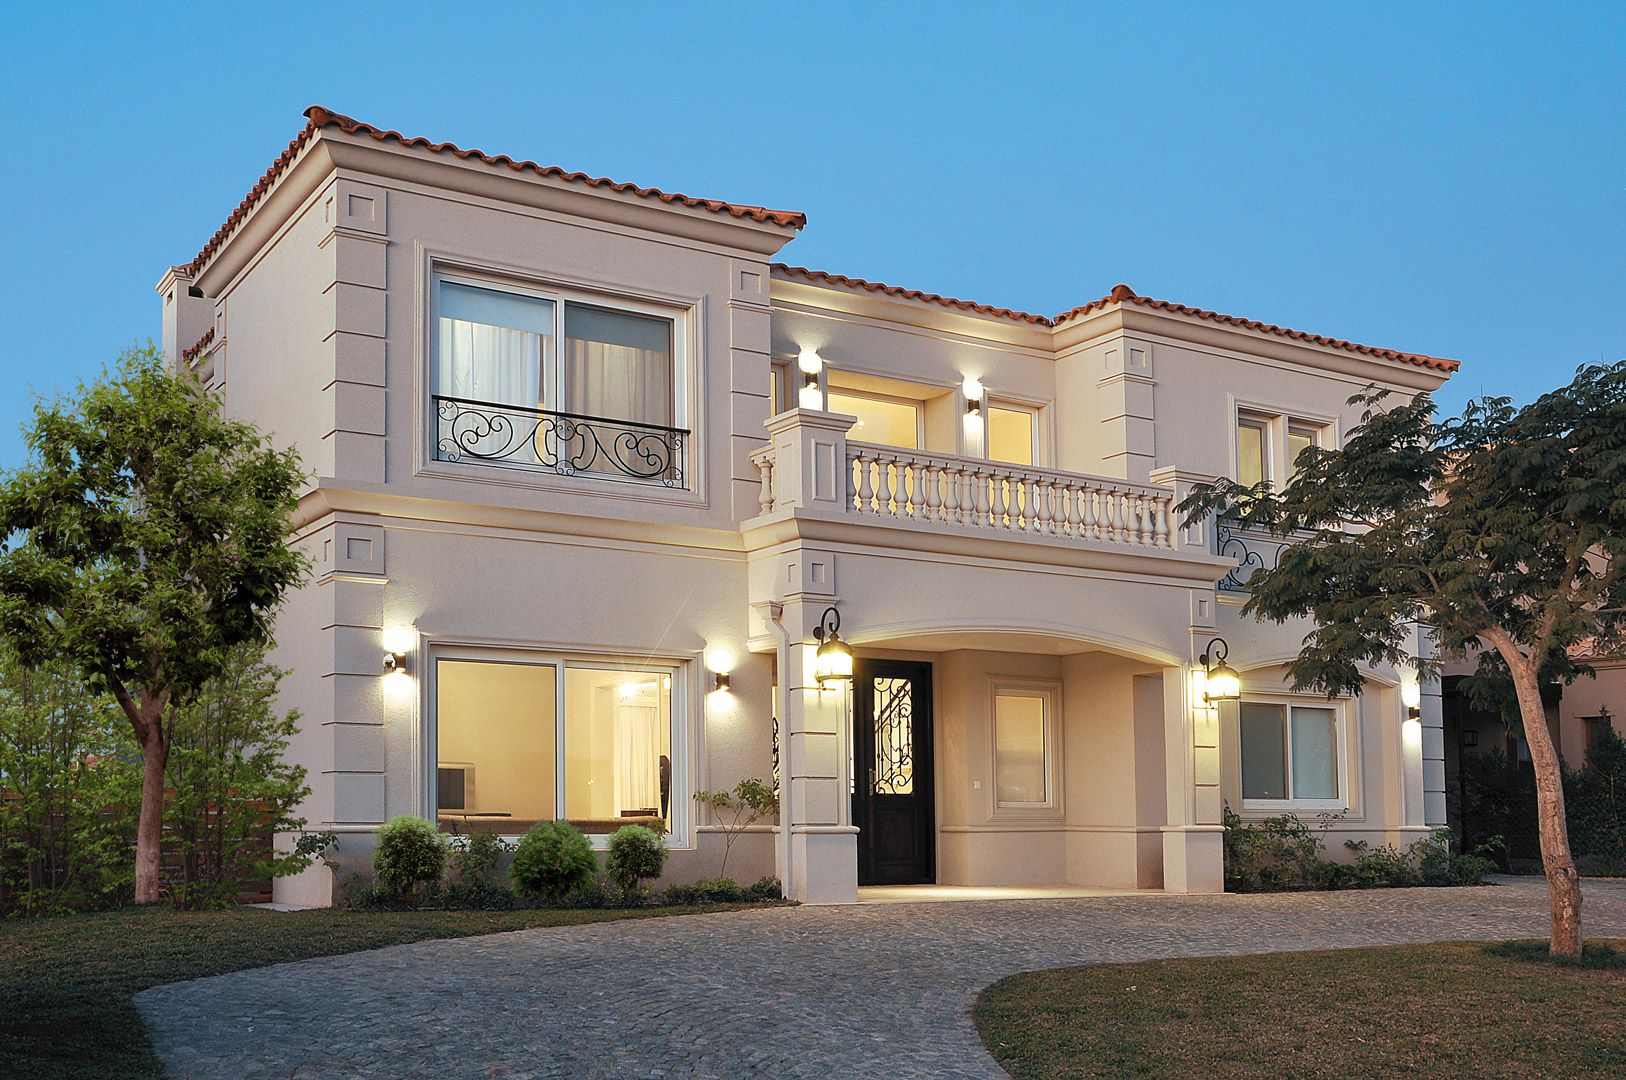 Housing construcciones arq en 2019 arquitectura for Fachadas de casas estilo clasico